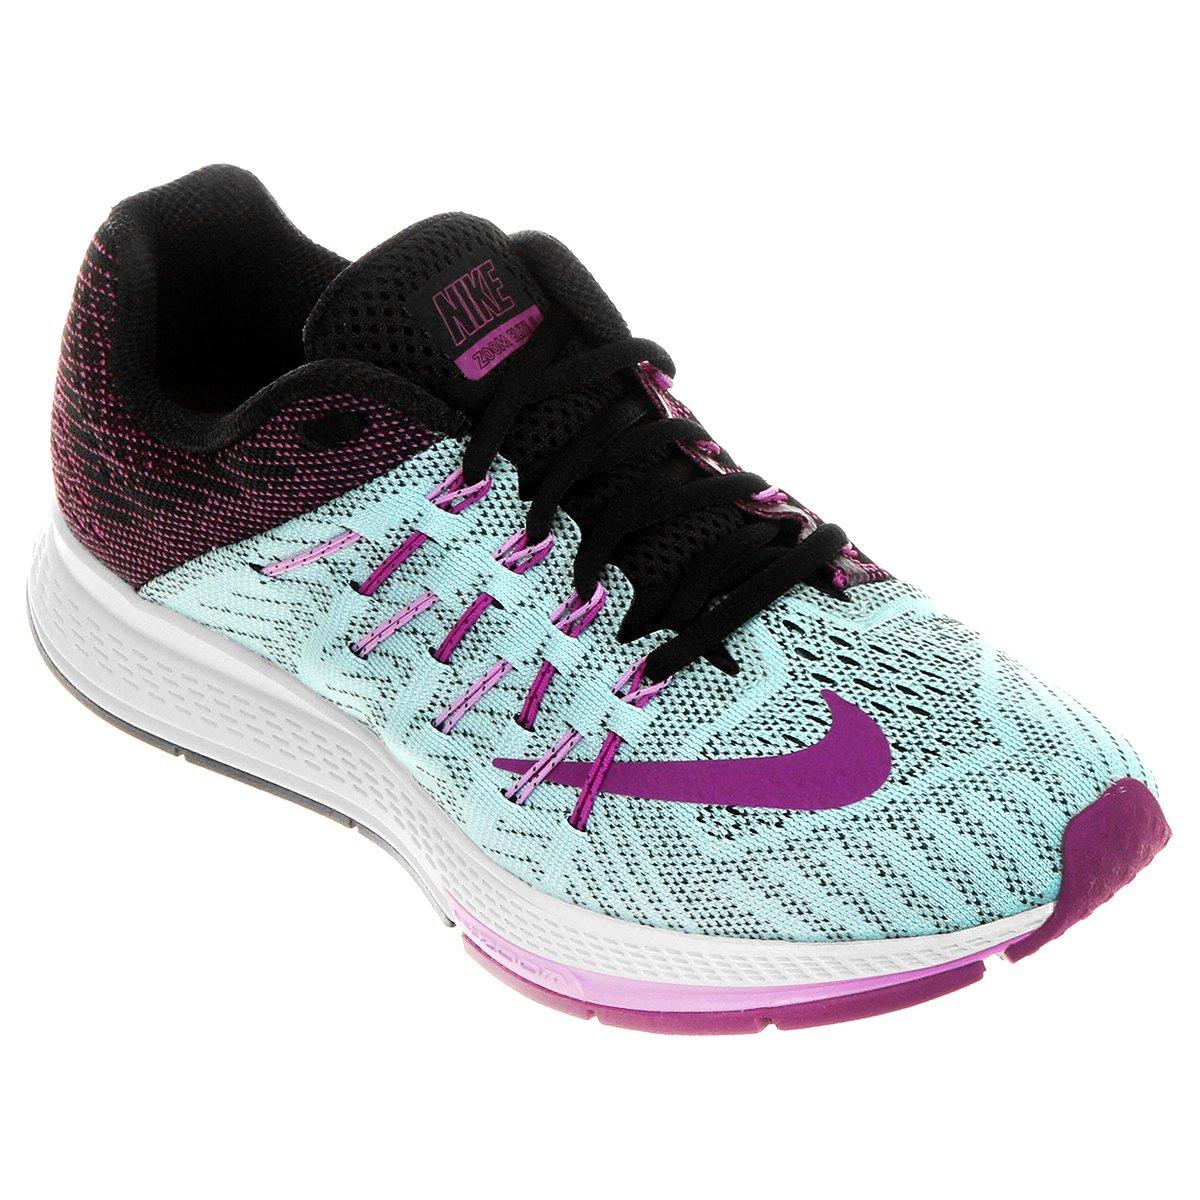 ea2c3a6e17 ... Tênis Nike 561f343 Air Zoom Elite 8 - Compre Agora Netshoes 23b0f702 ...